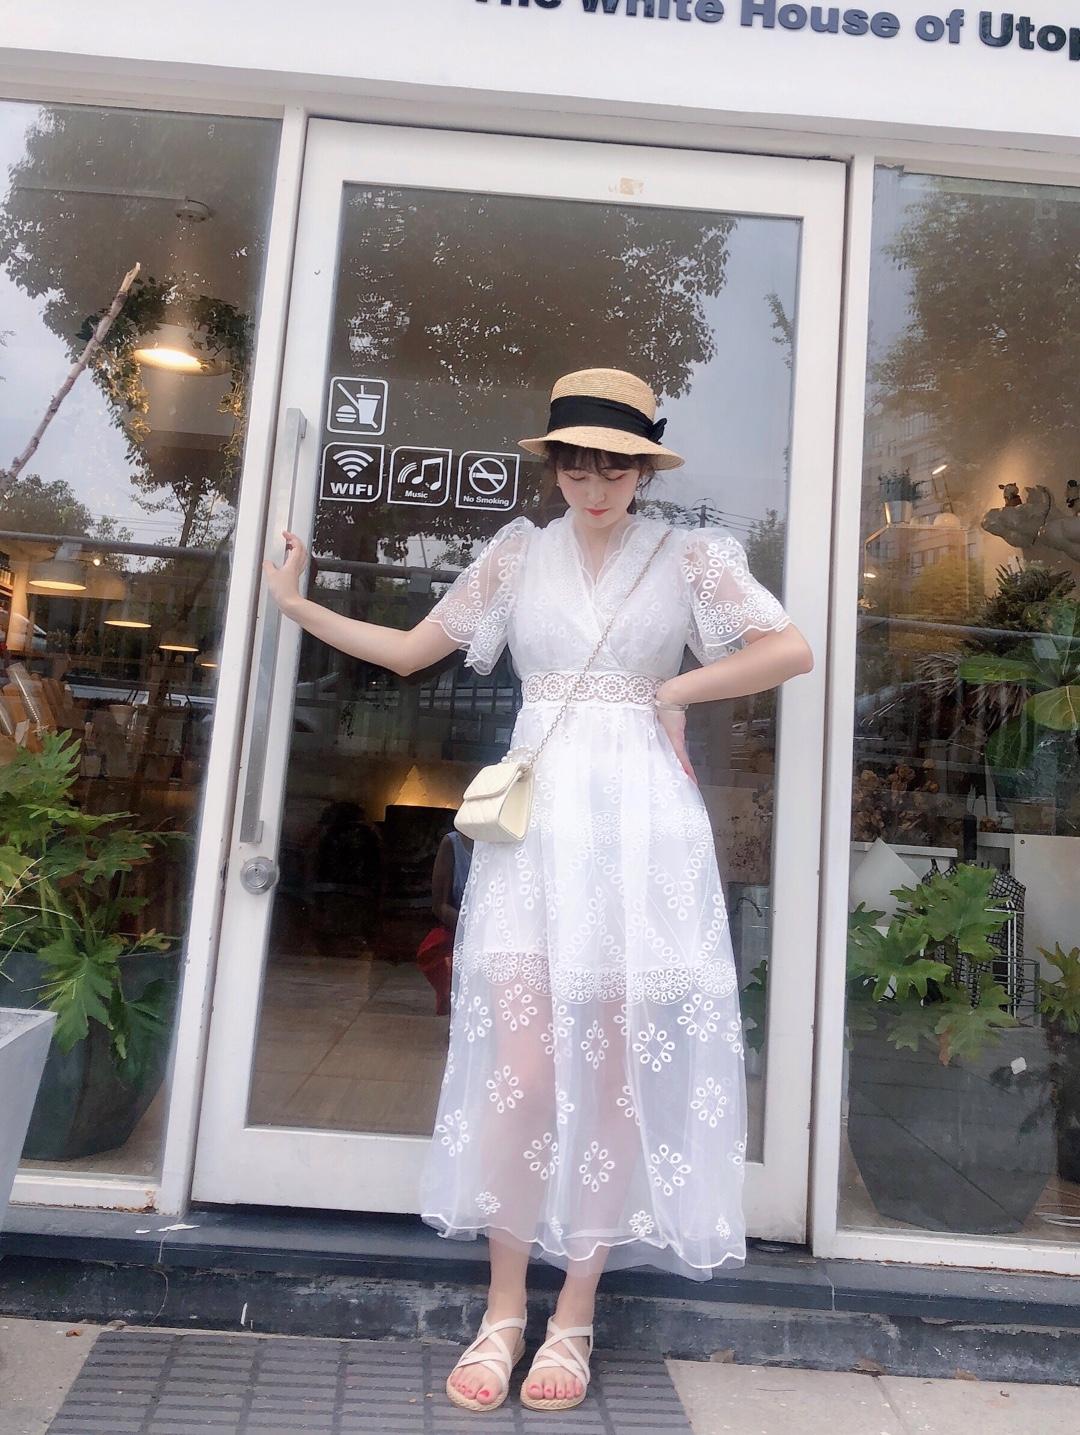 #让你变甜甜甜的仙女裙look#从女孩转变成女人,只差一条蕾丝连衣裙👗,深V领搭配蕾丝封边,性感又俏皮,仙女裙无疑了!